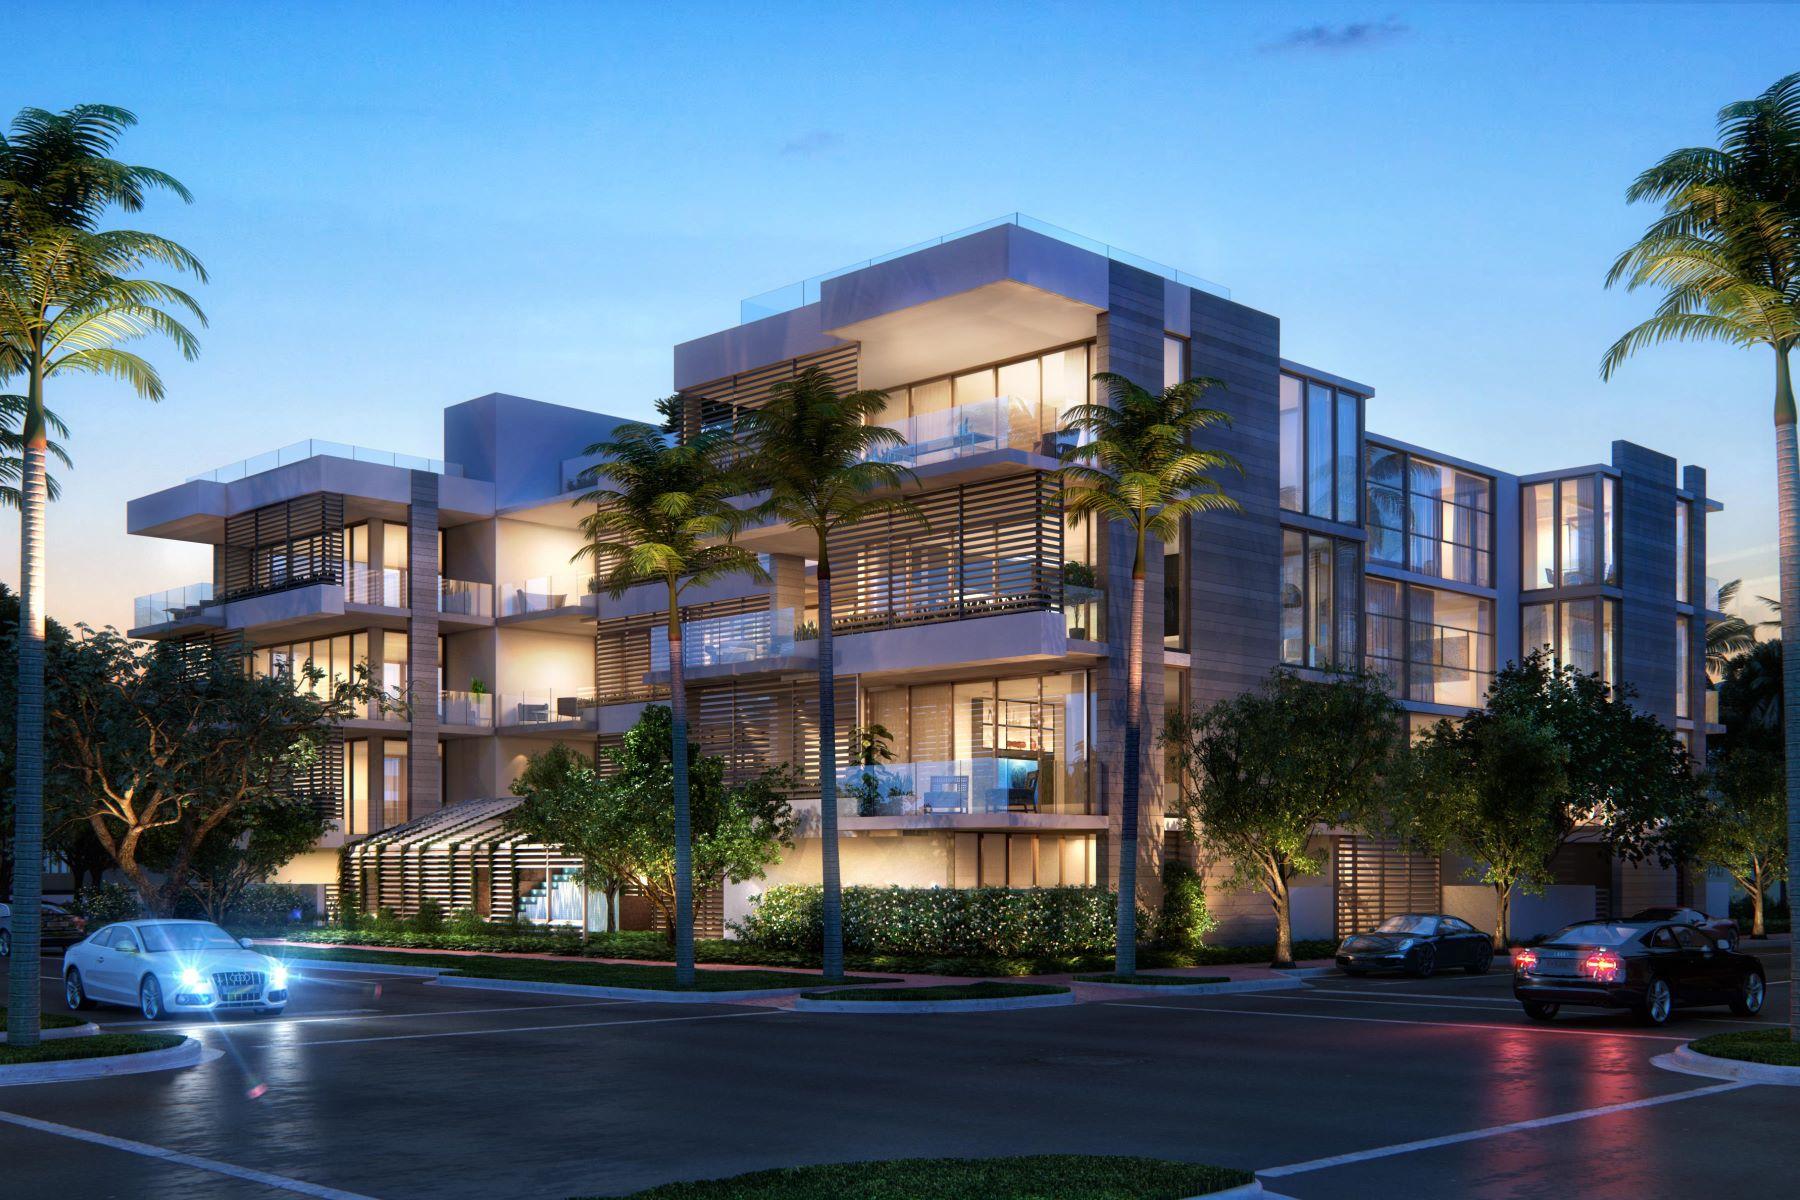 콘도미니엄 용 매매 에 311 MERIDIAN AVE # 301 311 Meridian Ave 301 Miami Beach, 플로리다, 33139 미국